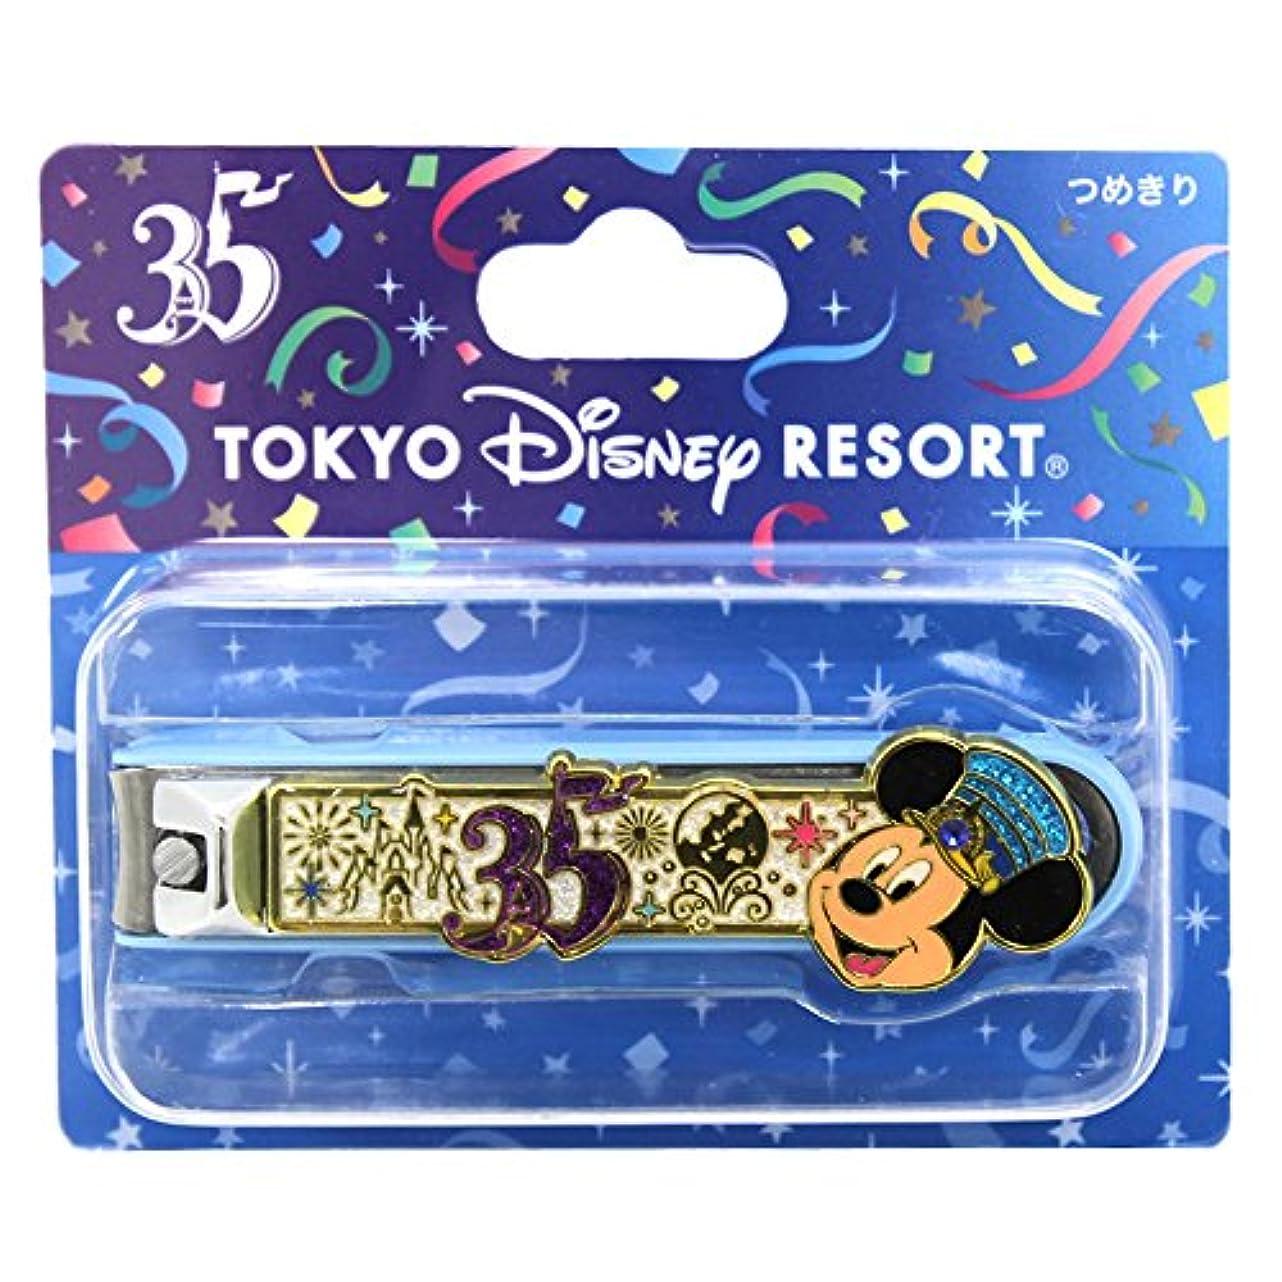 叫び声母性汚れた東京 ディズニー リゾート 35周年 Happiest Celebration ! 爪切り ミッキー マウス つめ切り 爪きり つめきり キャラクター 生活用品 ( リゾート限定 )